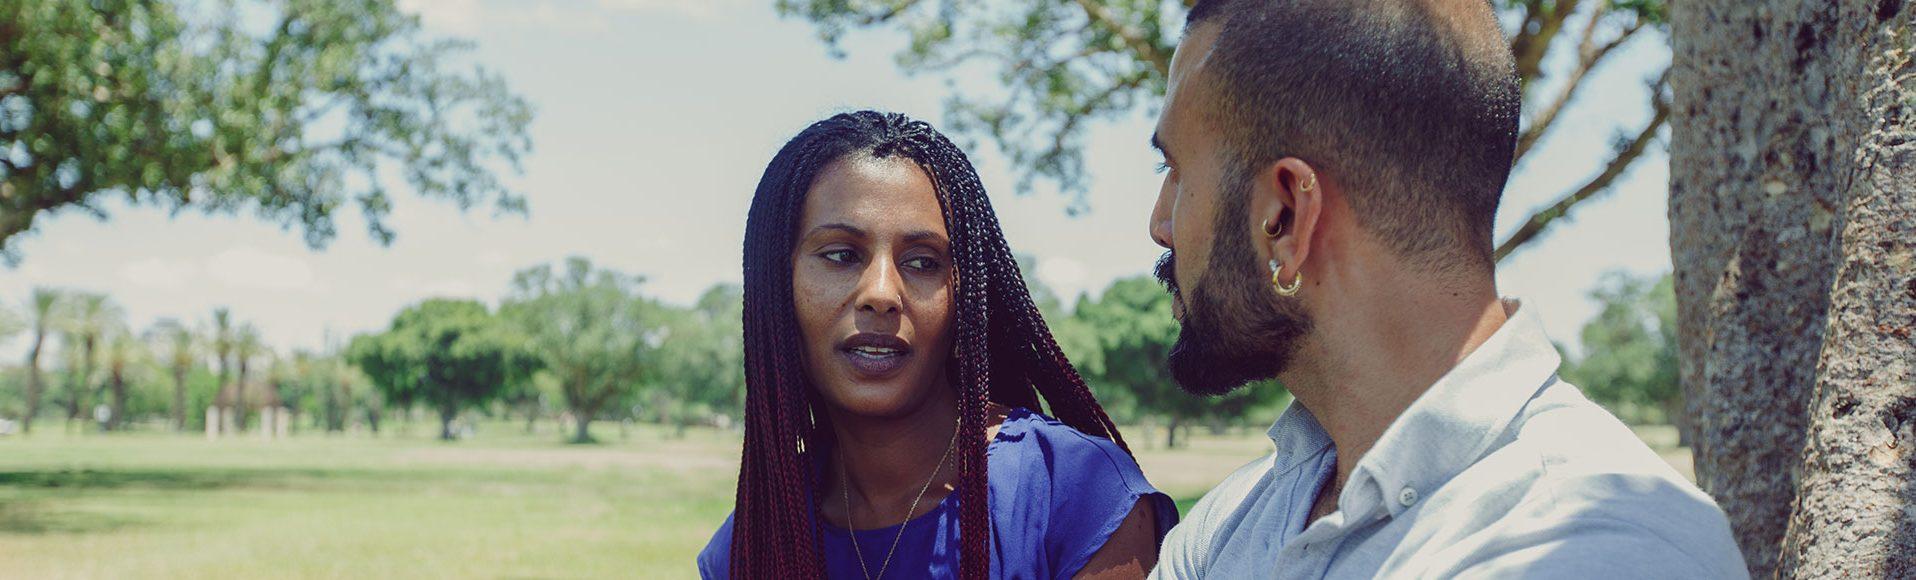 גבר ואישה משוחחים